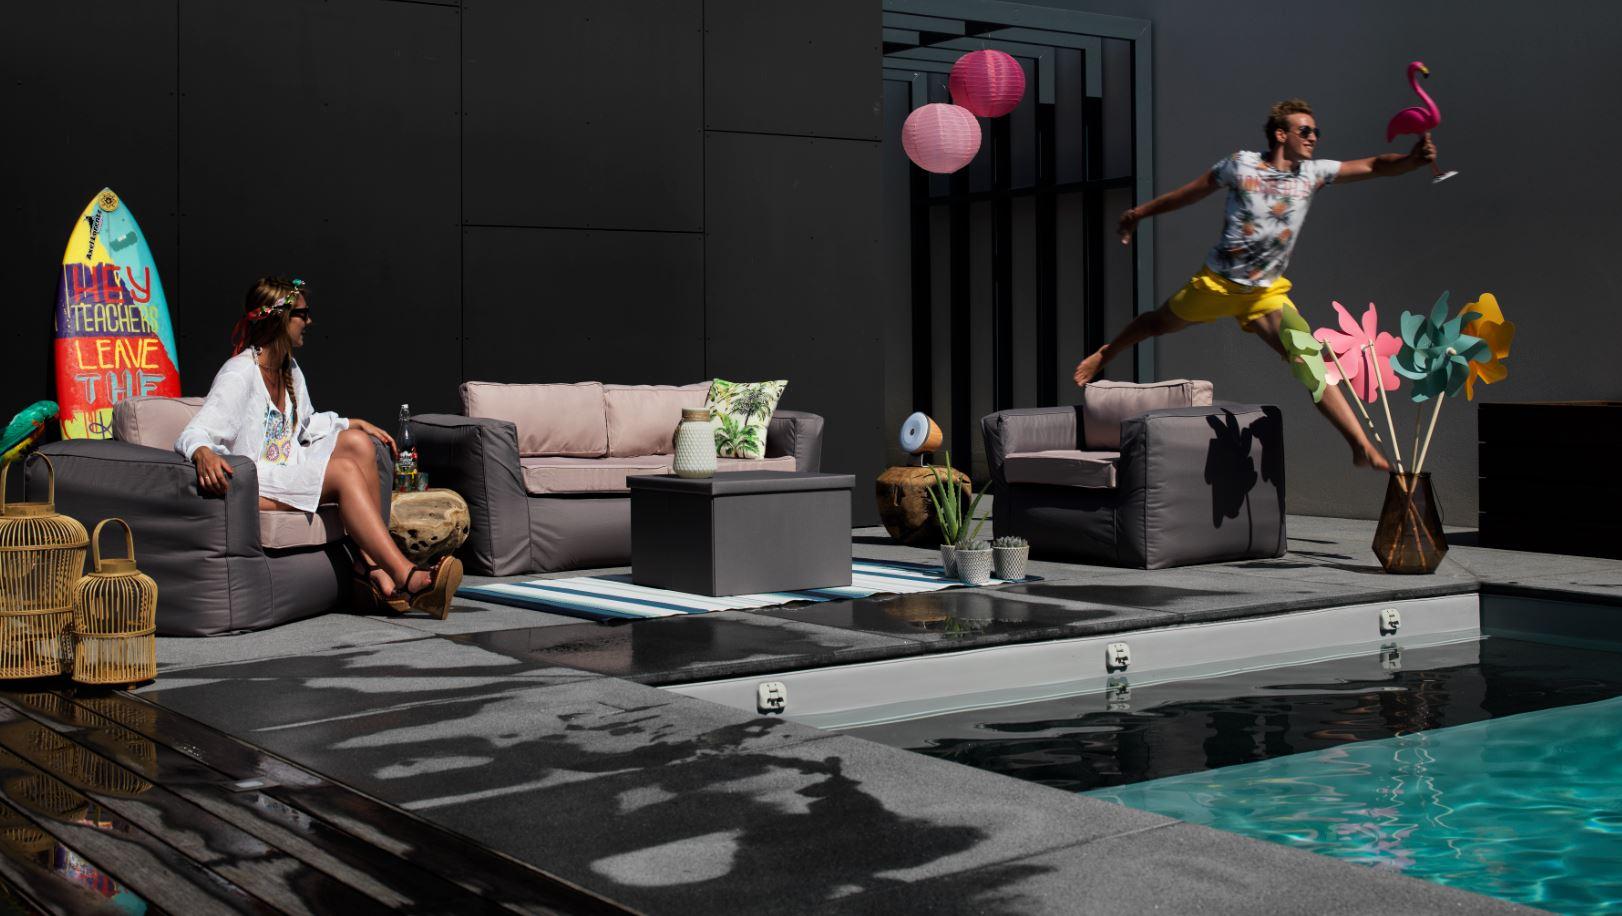 Salon De Jardin Gonflable Nomad Lounge à Salon De Jardin Gonflable